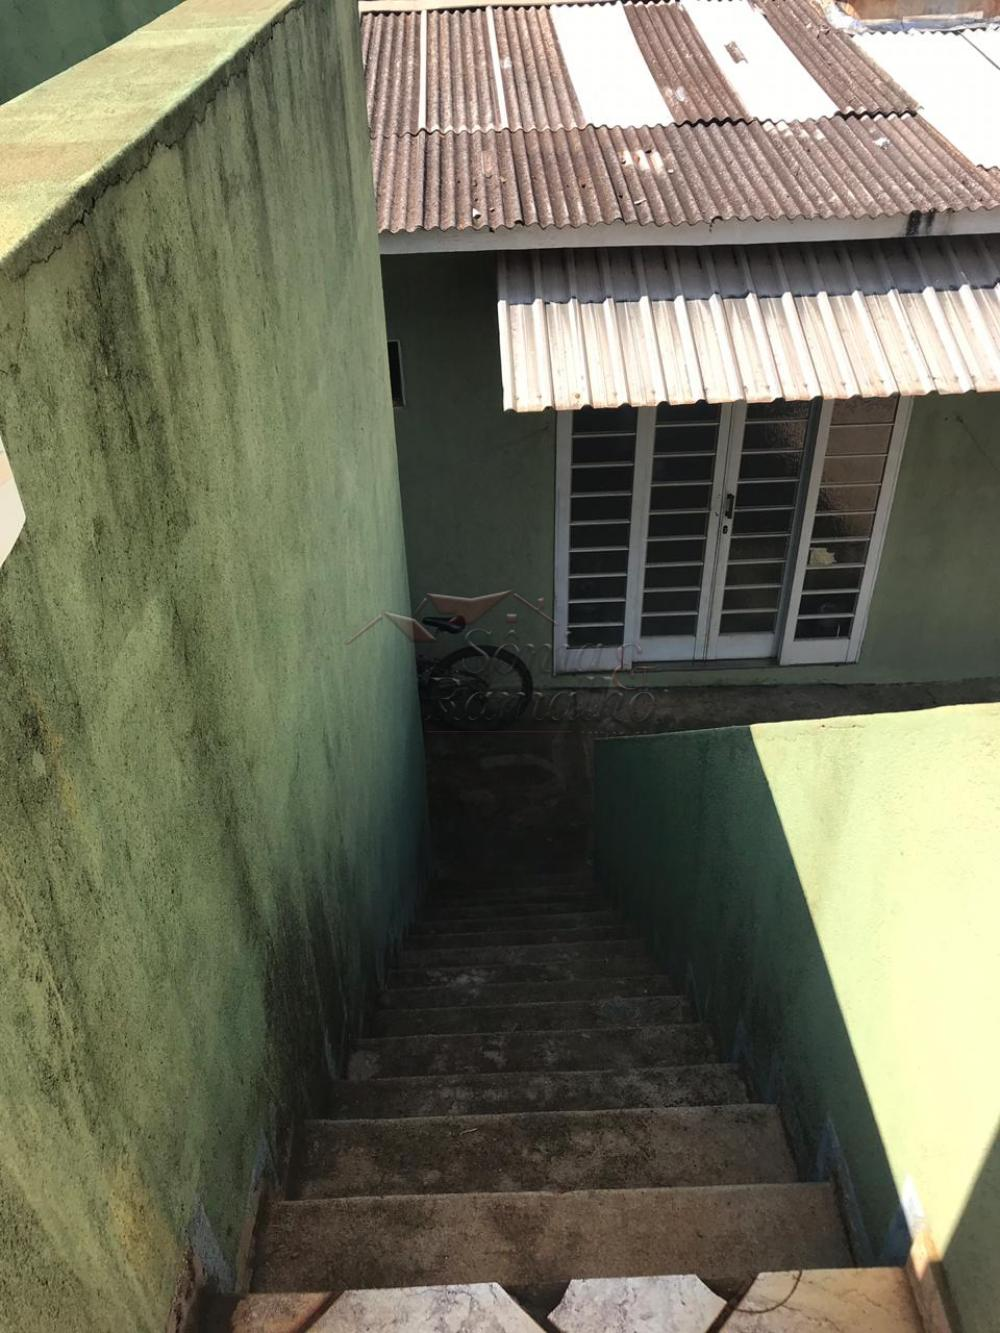 Comprar Casas / Padrão em Ribeirão Preto apenas R$ 340.000,00 - Foto 17